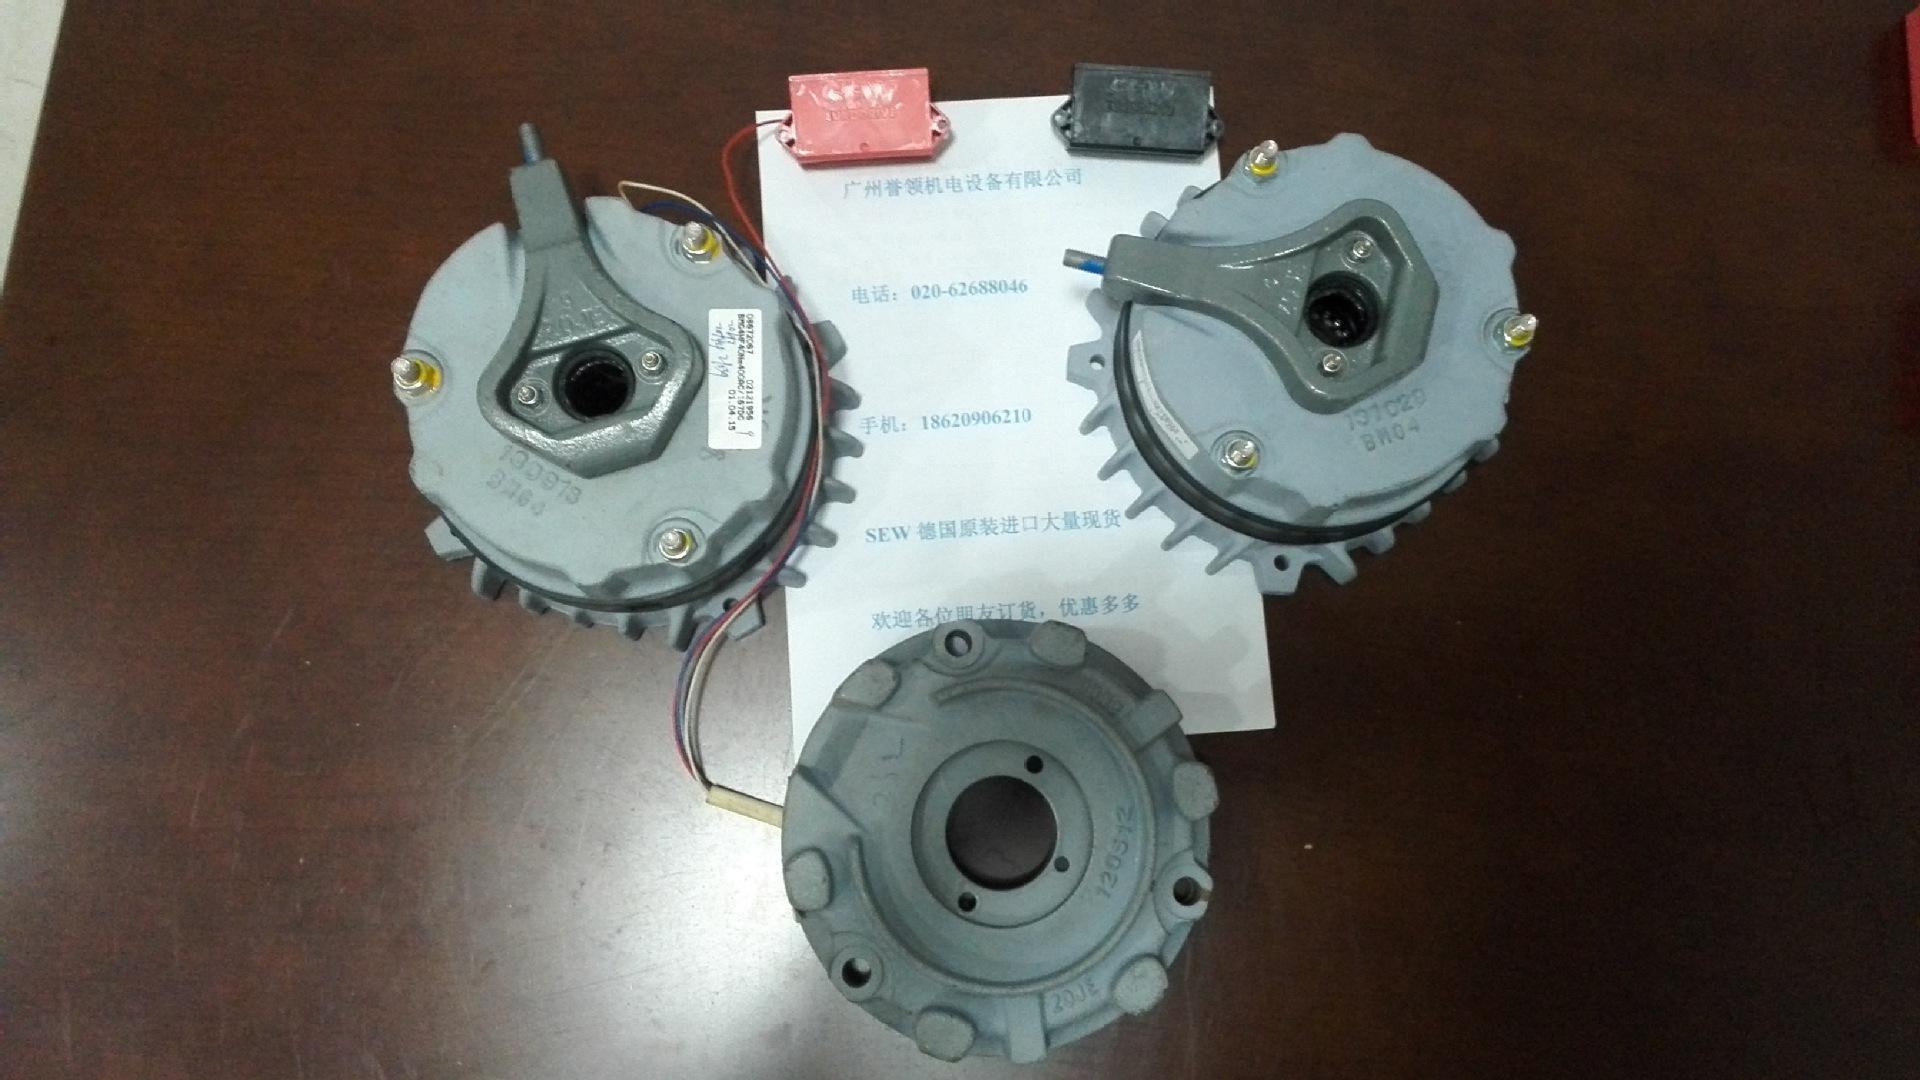 sew减速器电机配件供应 SEW电机刹车,BMG05 5NM 400V制动